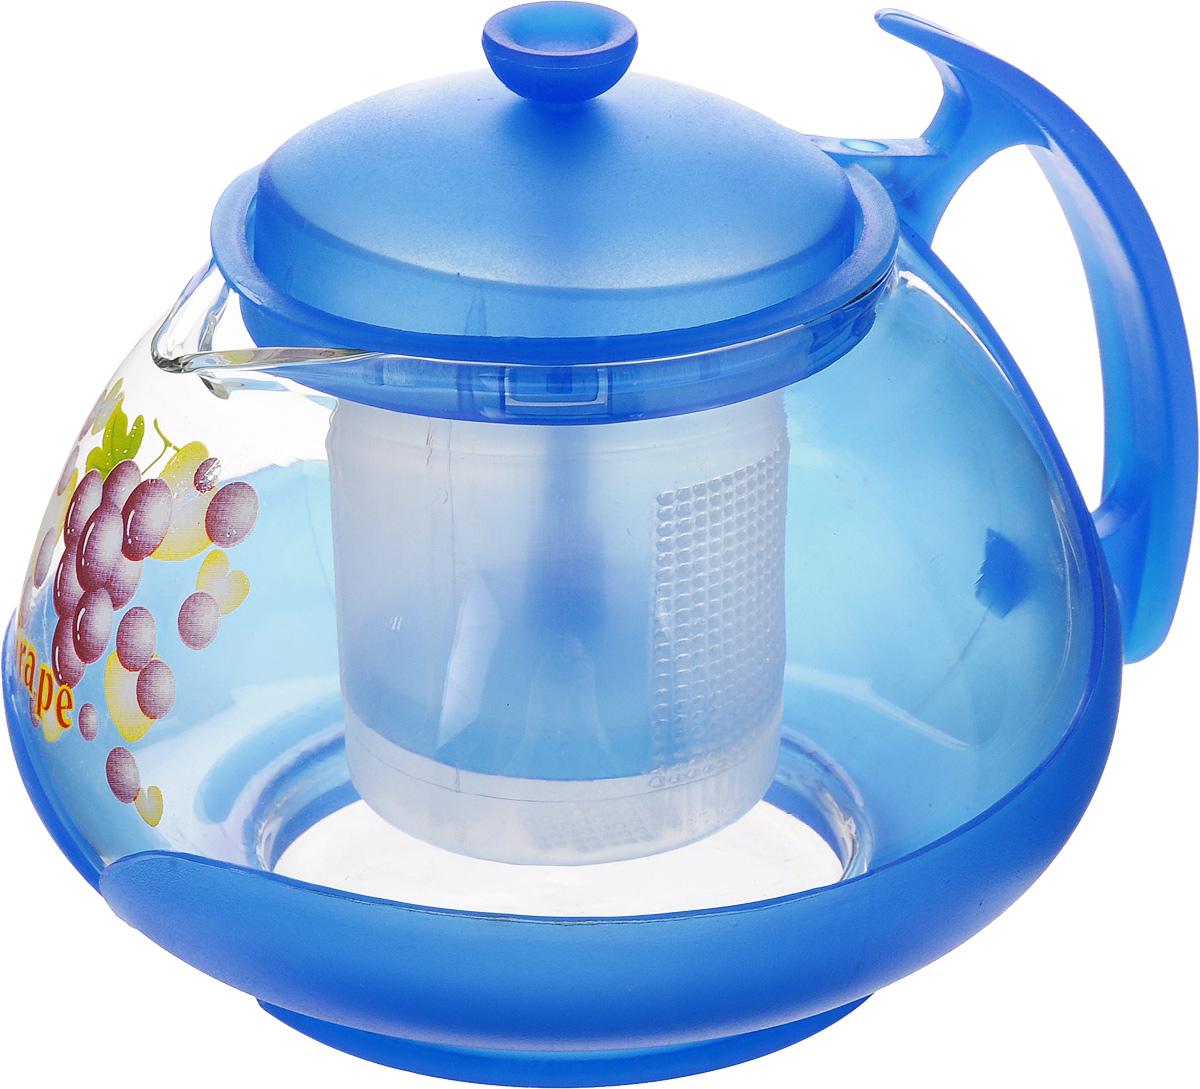 Чайник заварочный Mayer & Boch, с фильтром, цвет: прозрачный, синий, 700 мл. 202294672Заварочный чайник Mayer & Boch изготовлен из жаропрочного стекла и полипропилена. Изделие оснащено сетчатым фильтром из пищевого полипропилена (пластика), который задерживает чаинки и предотвращает их попадание в чашку, а прозрачные стенки дадут возможность наблюдать за насыщением напитка.Чай в таком чайнике дольше остается горячим, а полезные и ароматические вещества полностью сохраняются в напитке. Диаметр чайника (по верхнему краю): 8 см.Высота чайника (без учета крышки): 9,5 см.Высота фильтра: 6,5 см.